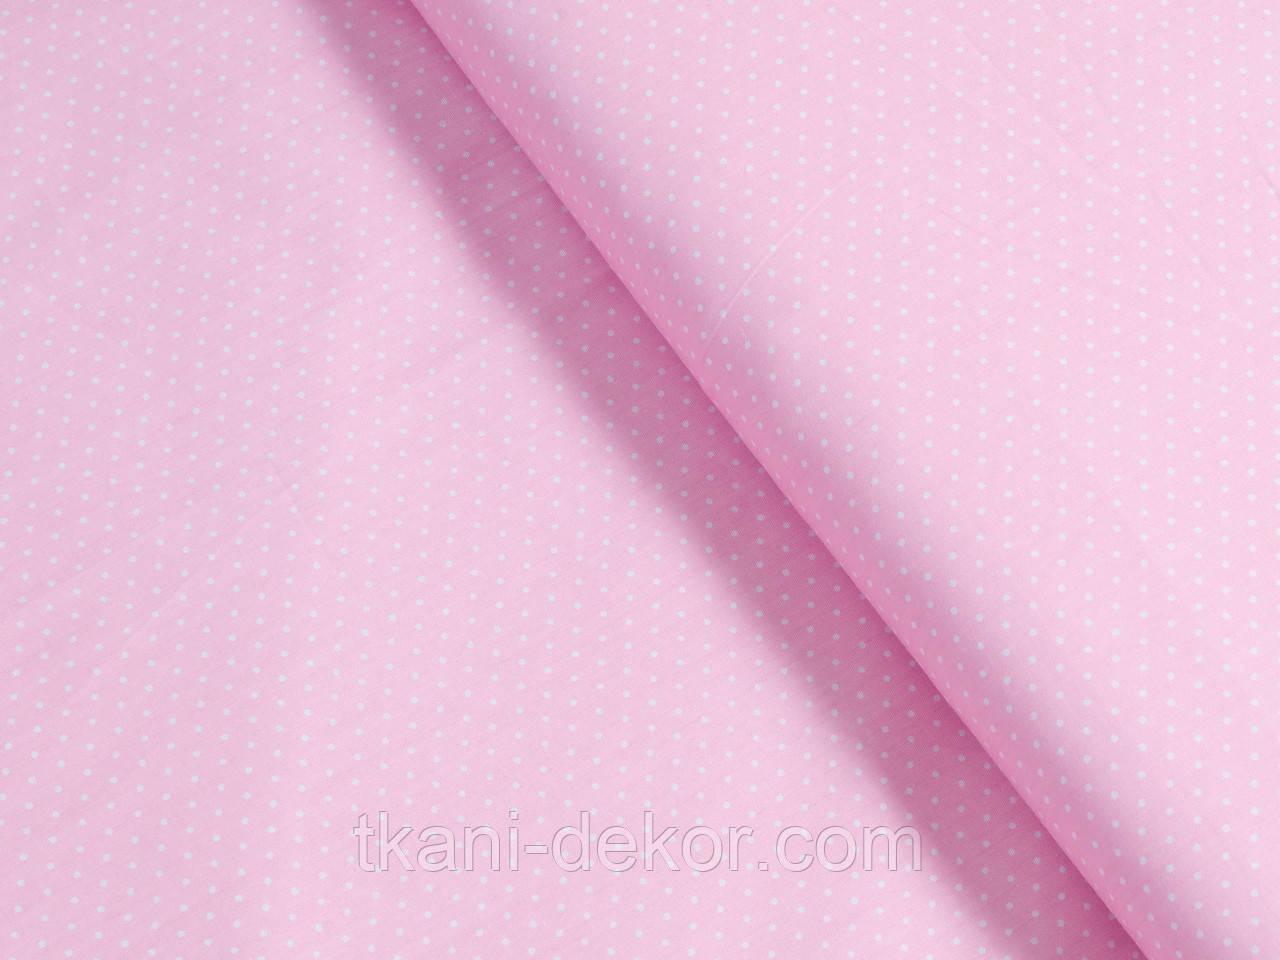 Сатин (бавовняна тканина) точки на рожевому